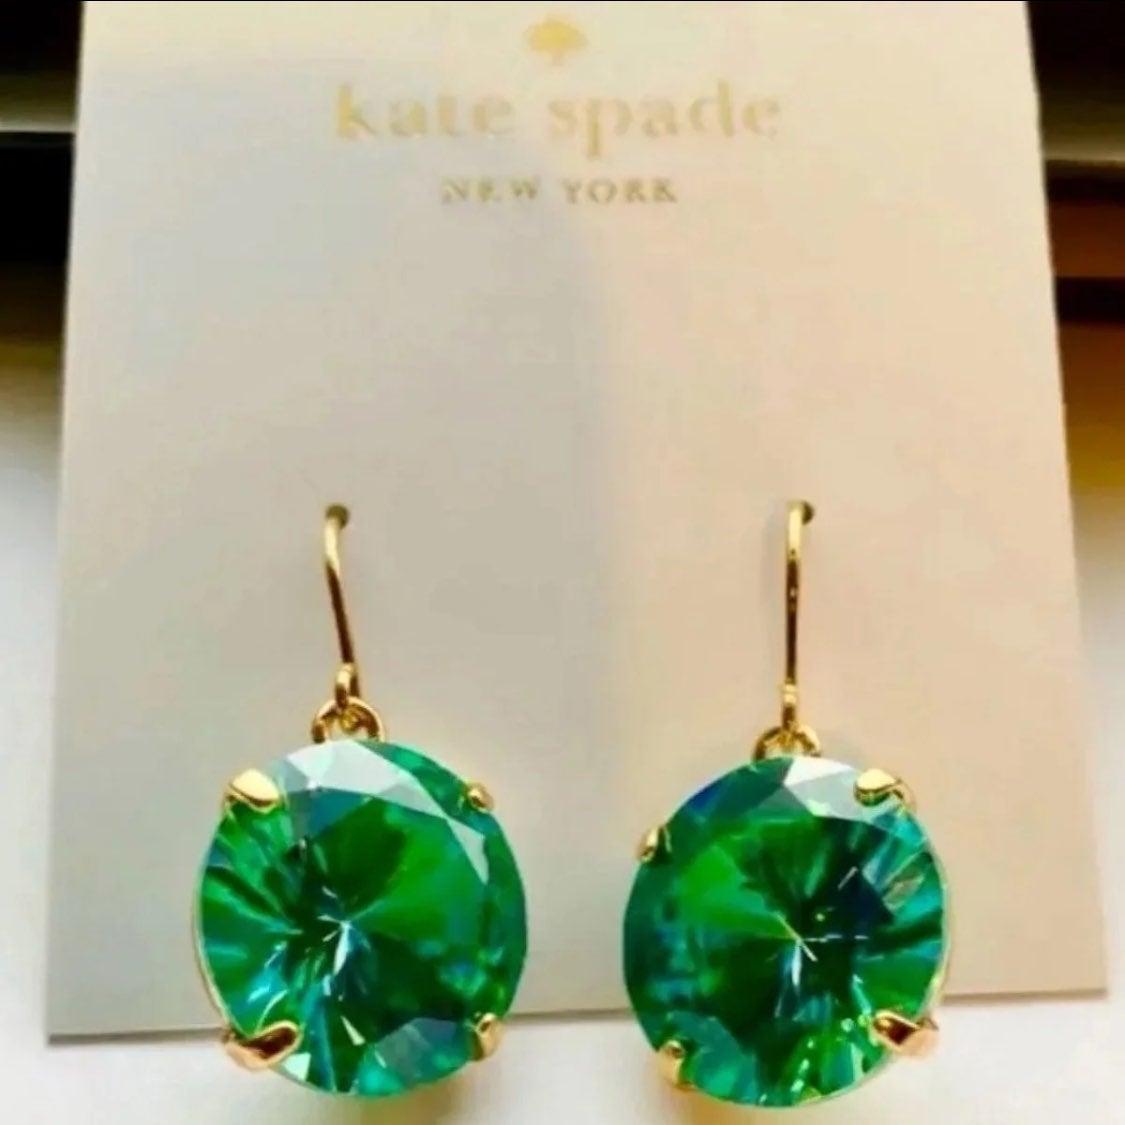 Kate Spade dk green 'shine on' earrings